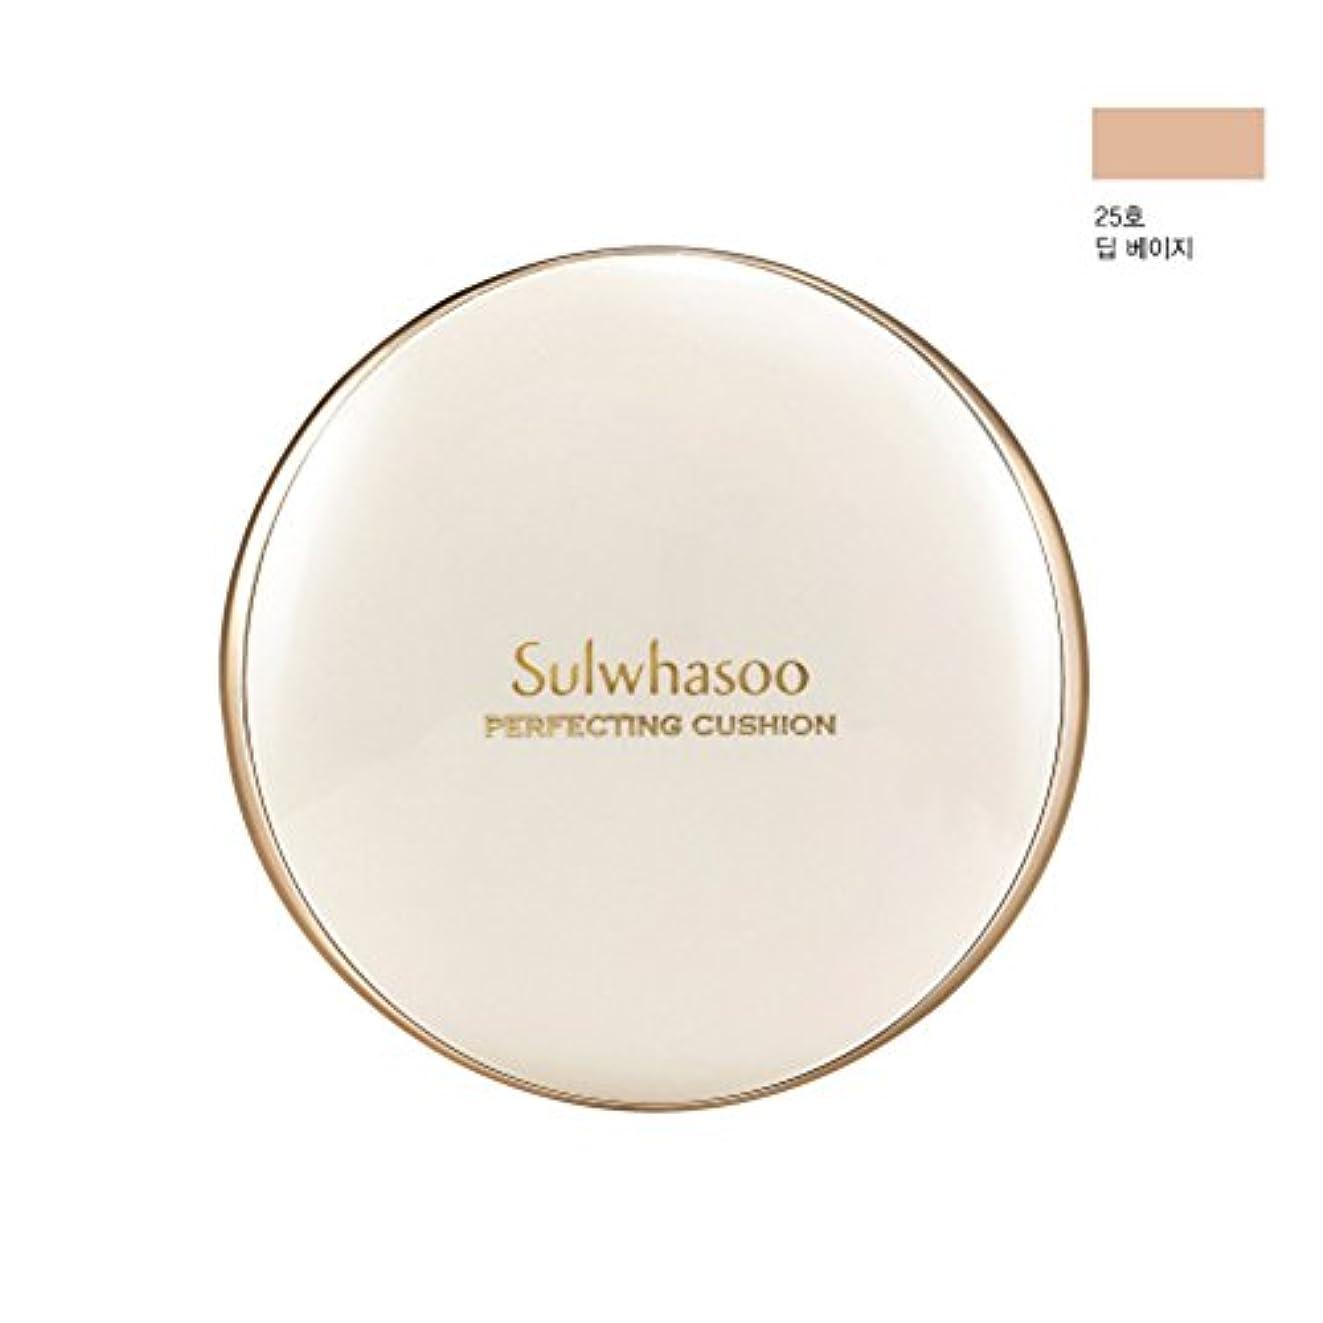 階段チョコレート布雪花秀/Sulwhasoo PERFECTING CUSHION/パーフェクティング クッション 25号 本品15g+リフィル15g(SPF50+/PA+++ )ファンデーションSet(海外直送品)